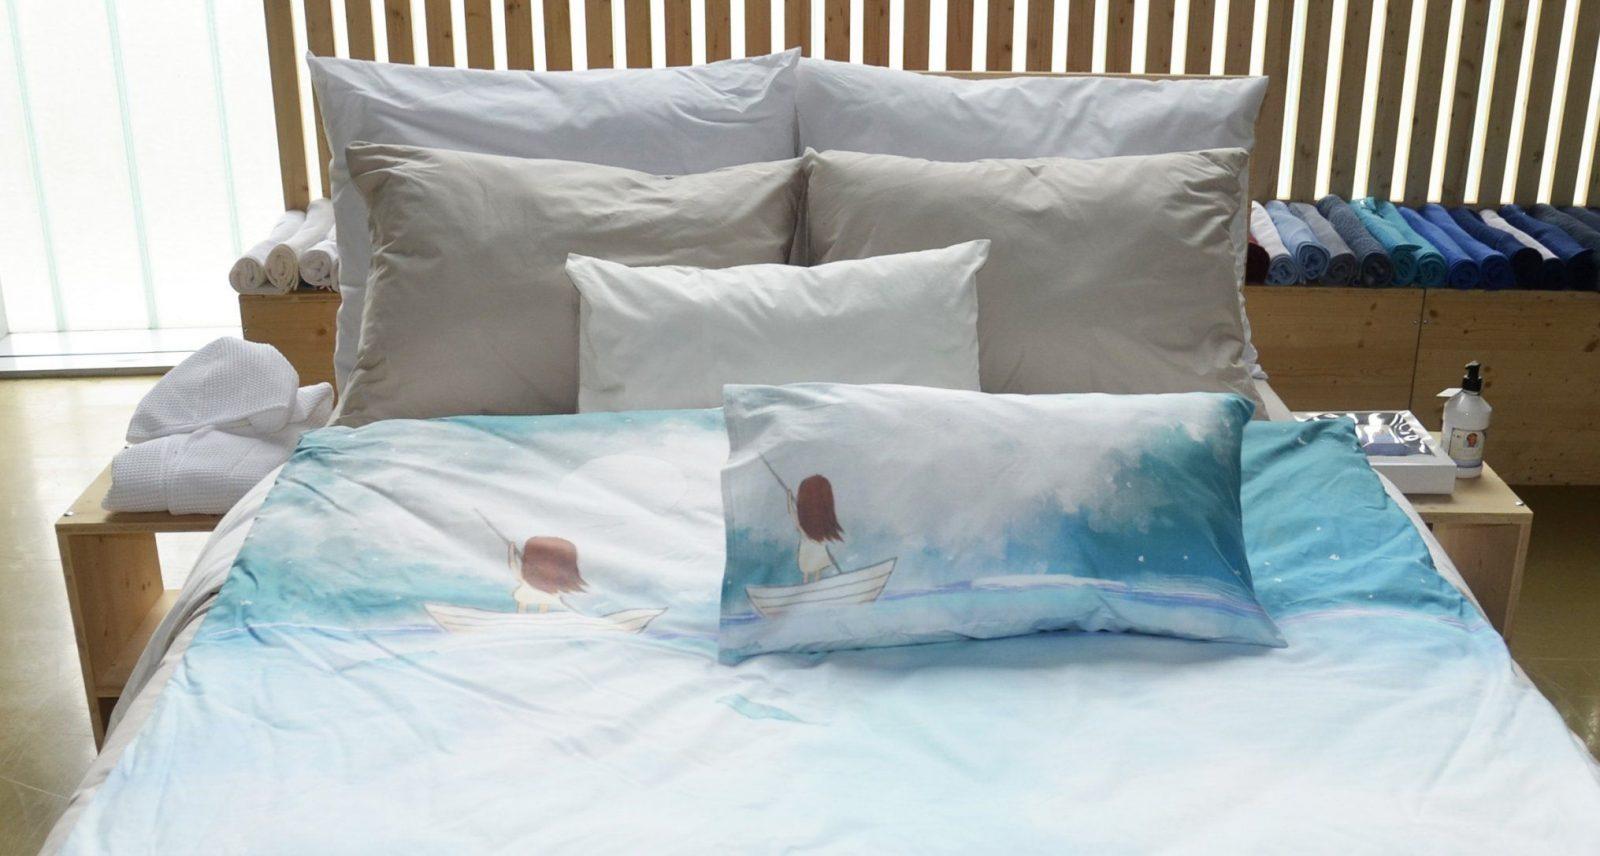 Bettwäsche Und Kissen Günstig Mit Eigenem Foto Bedrucken von Bettwäsche Mit Eigenem Bild Bild